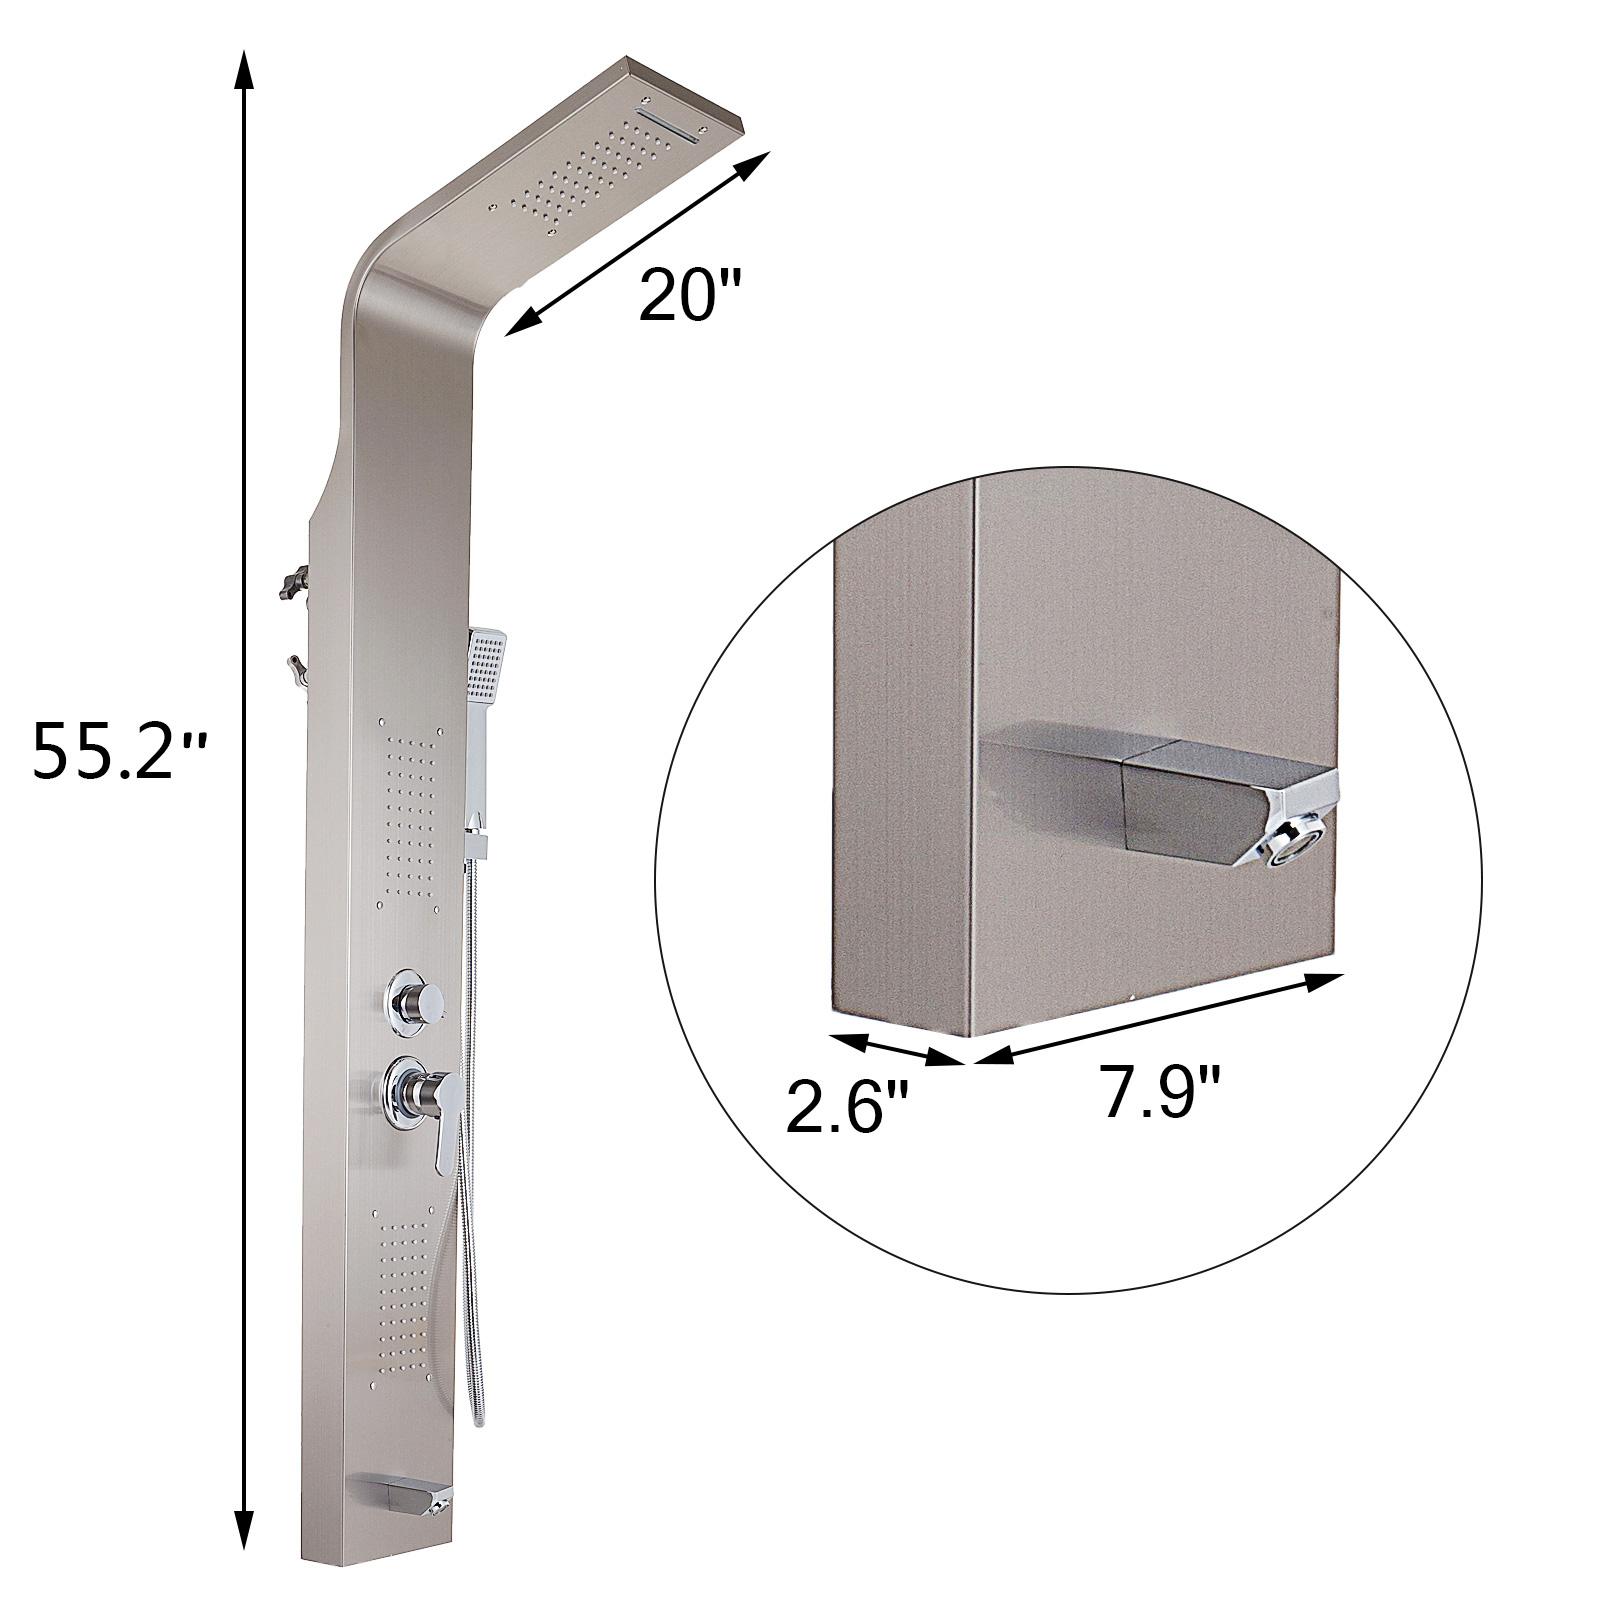 Pannello-doccia-idromassaggio-colonna-in-acciaio-inossidabile-con-miscelatore miniatura 38